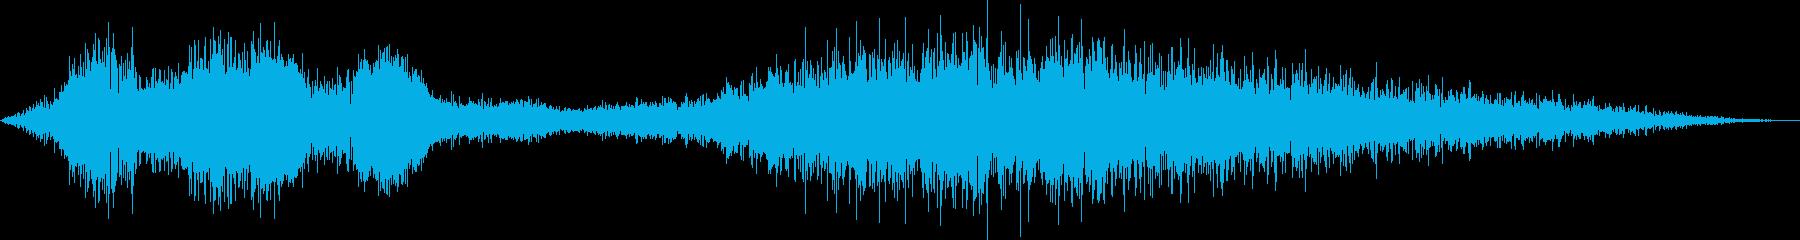 重いコンピュータークラッシュパワーダウンの再生済みの波形